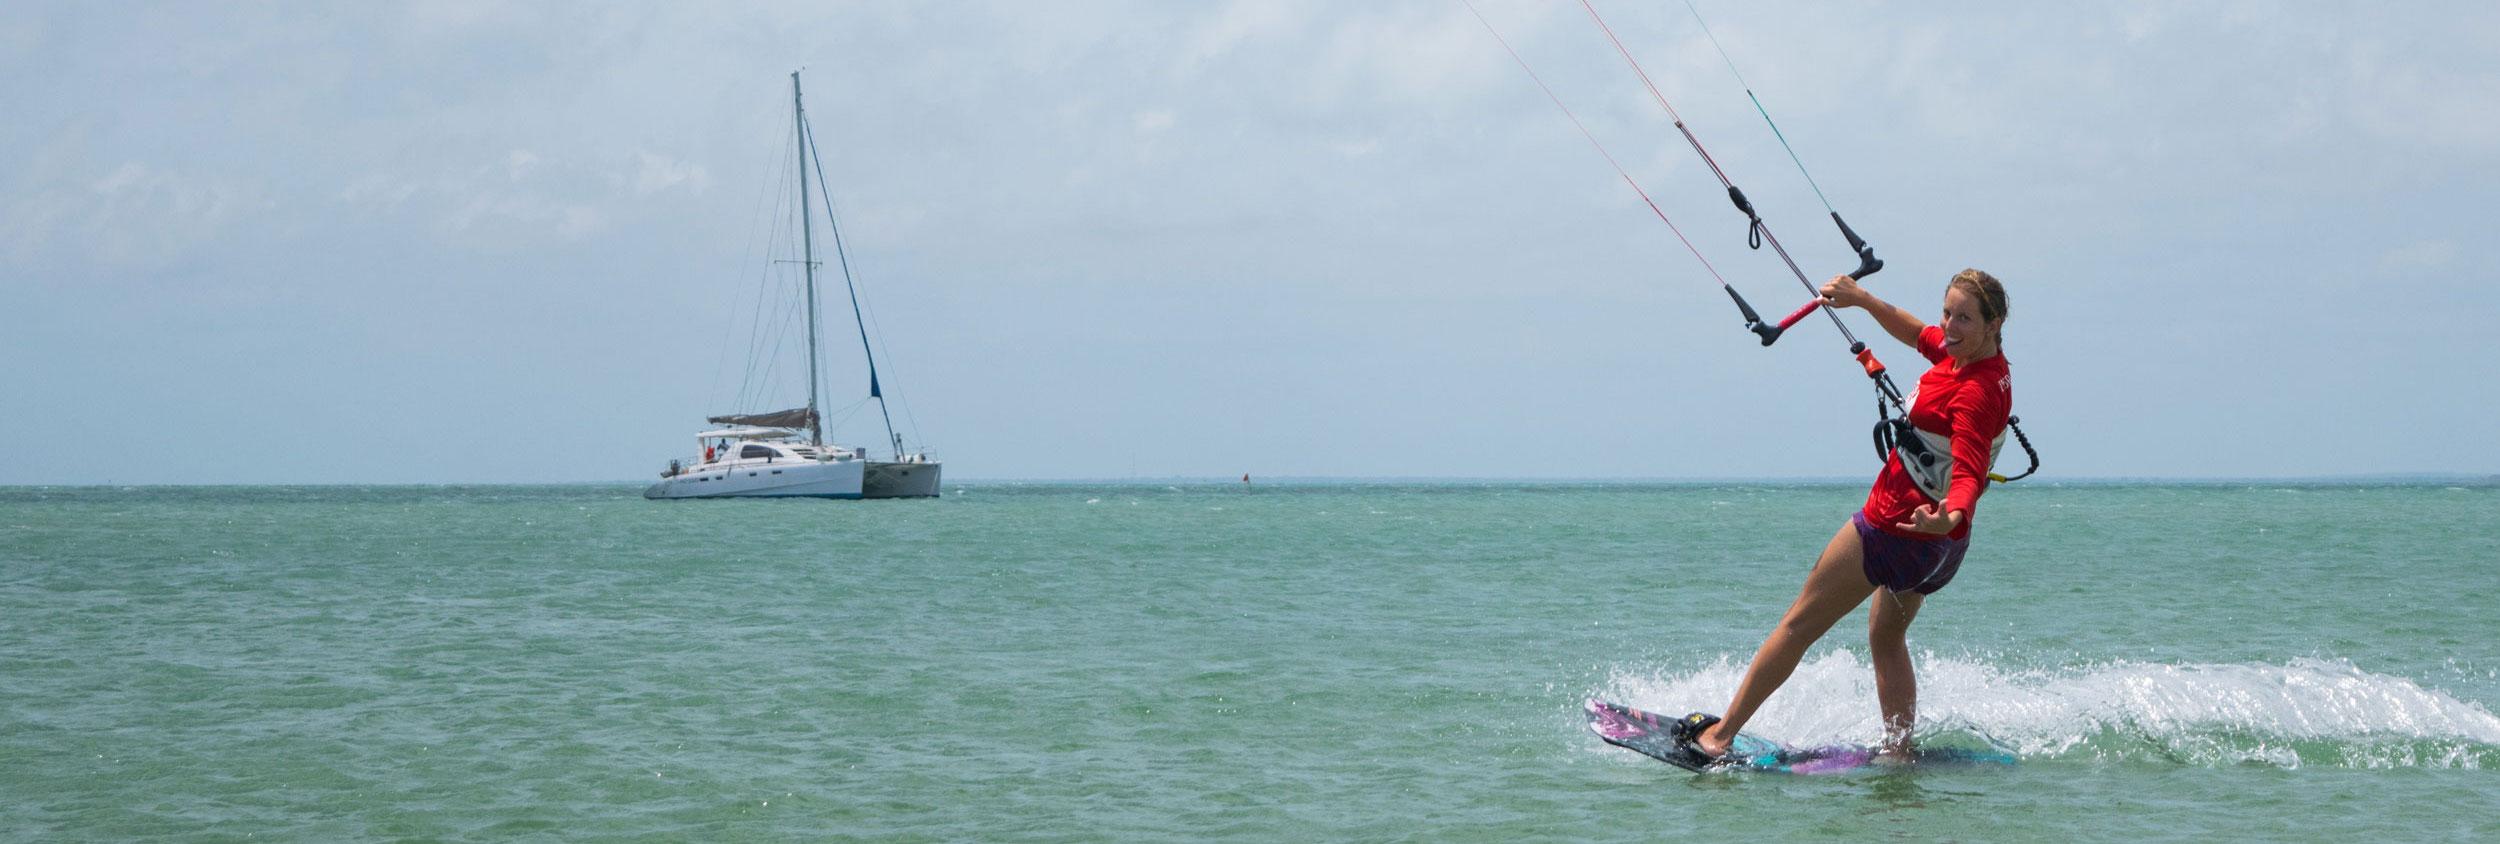 Kitesurfing Sri Lanka Kalpitiya